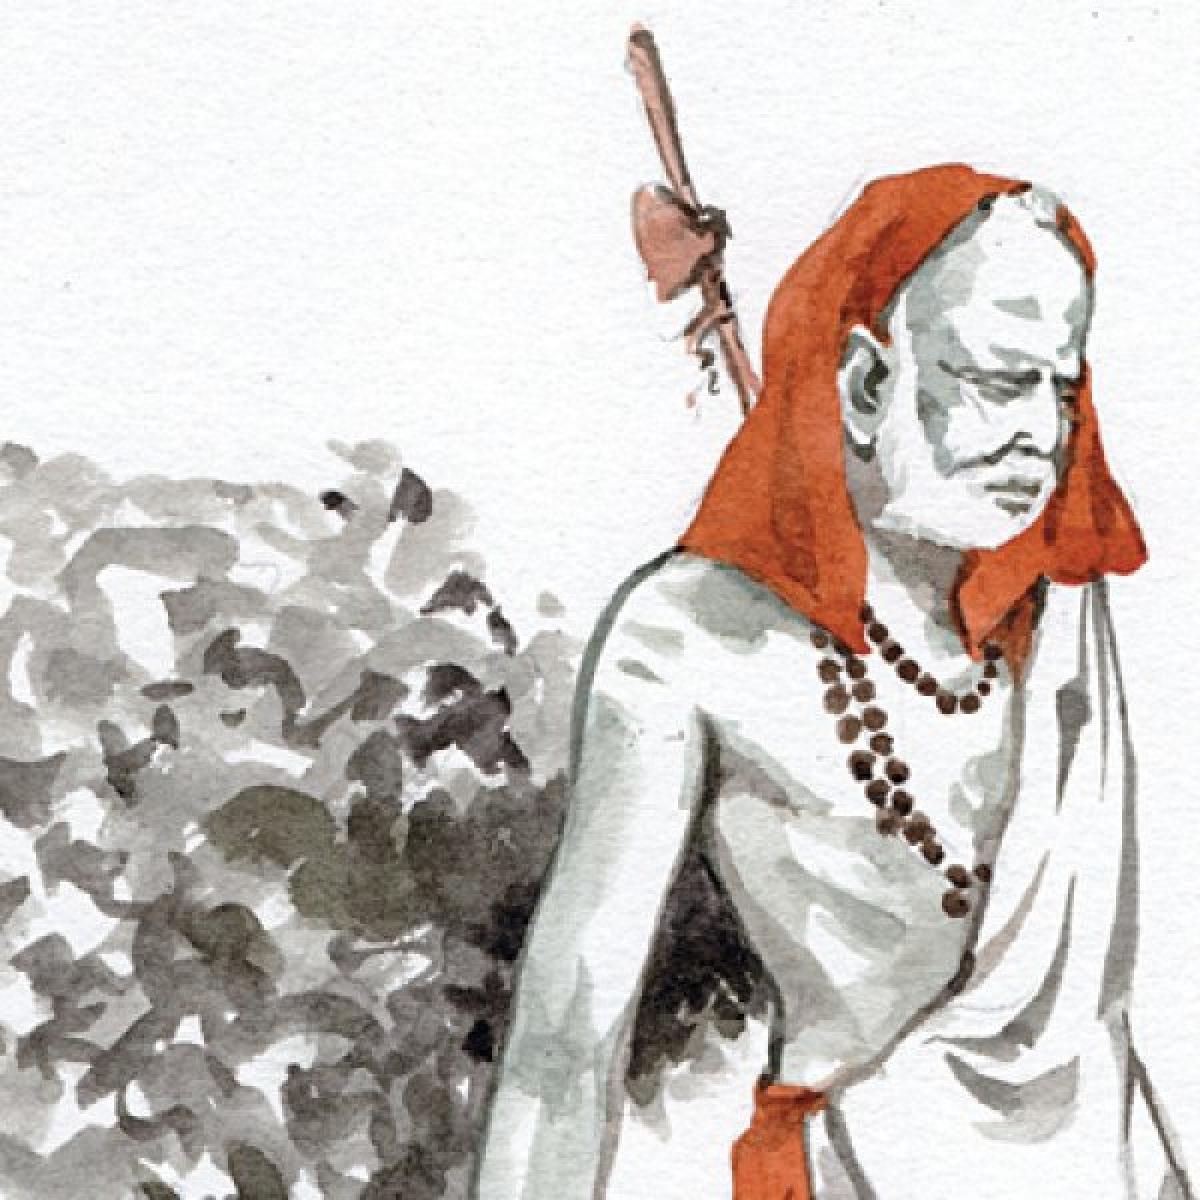 மகா பெரியவா - 25: 'நாம் வேறு பிறர் வேறு அல்ல'